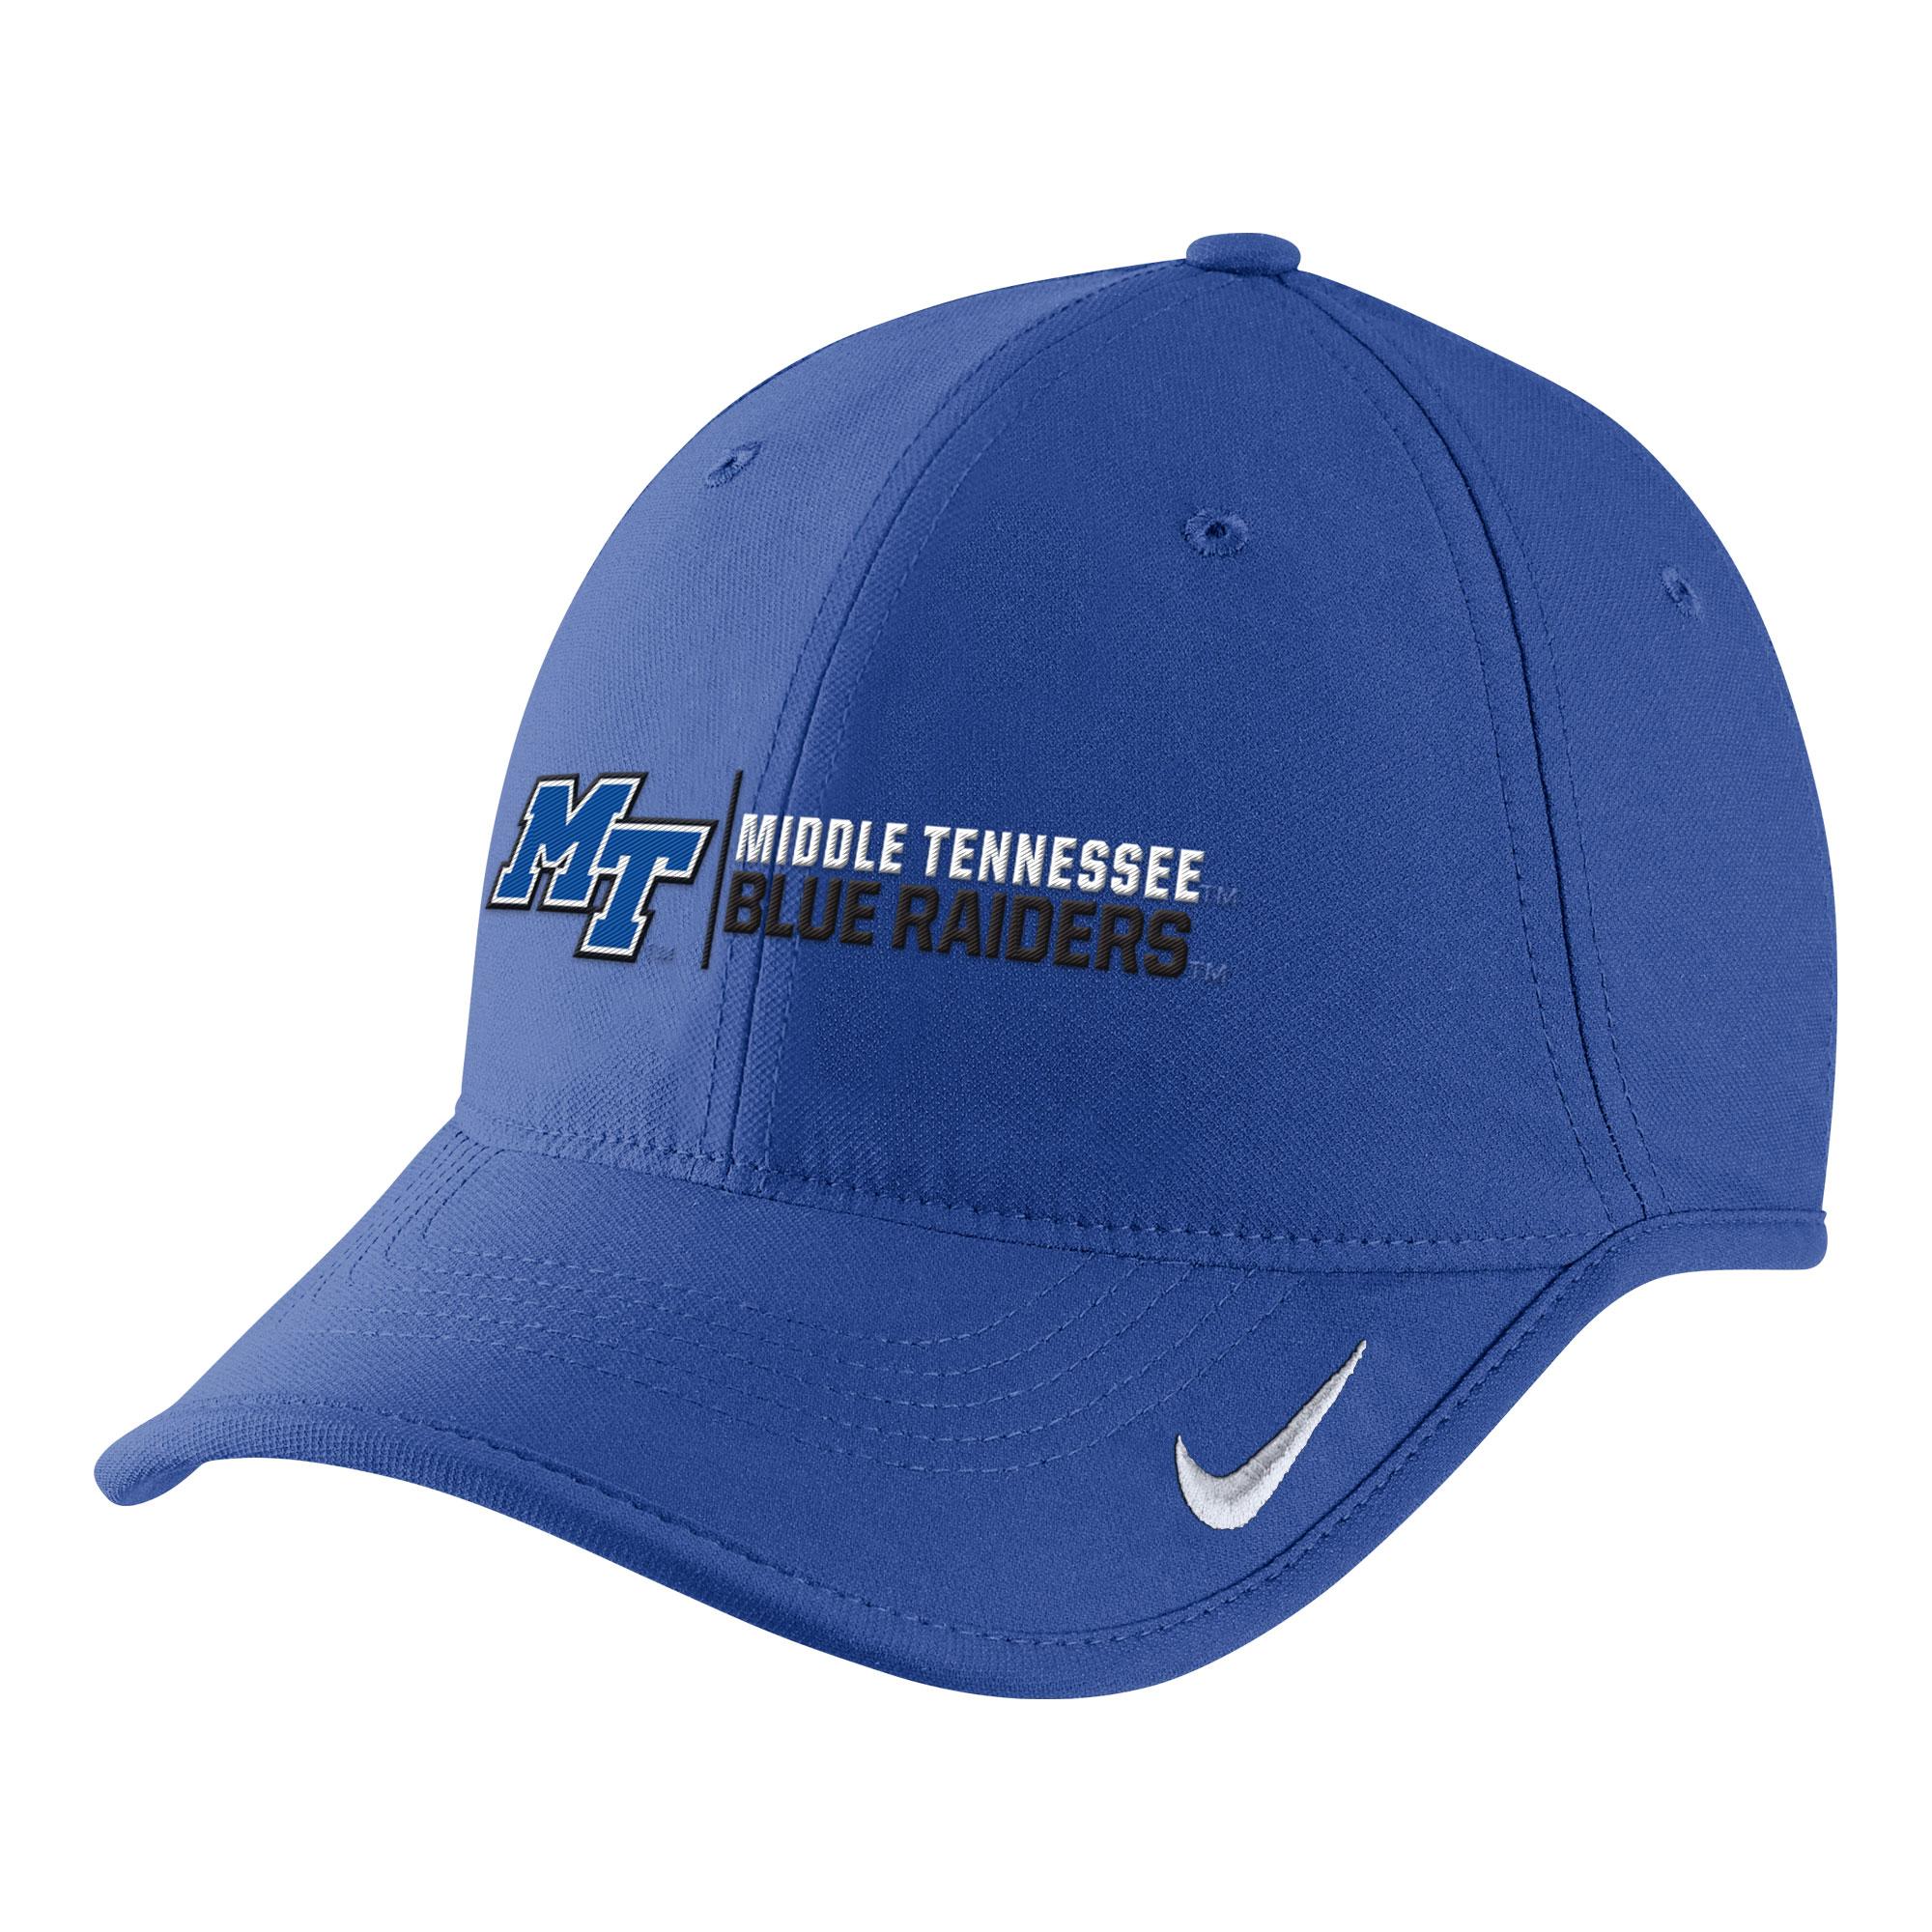 MT Blue Raiders Logo Nike® Aero Adjustable Hat